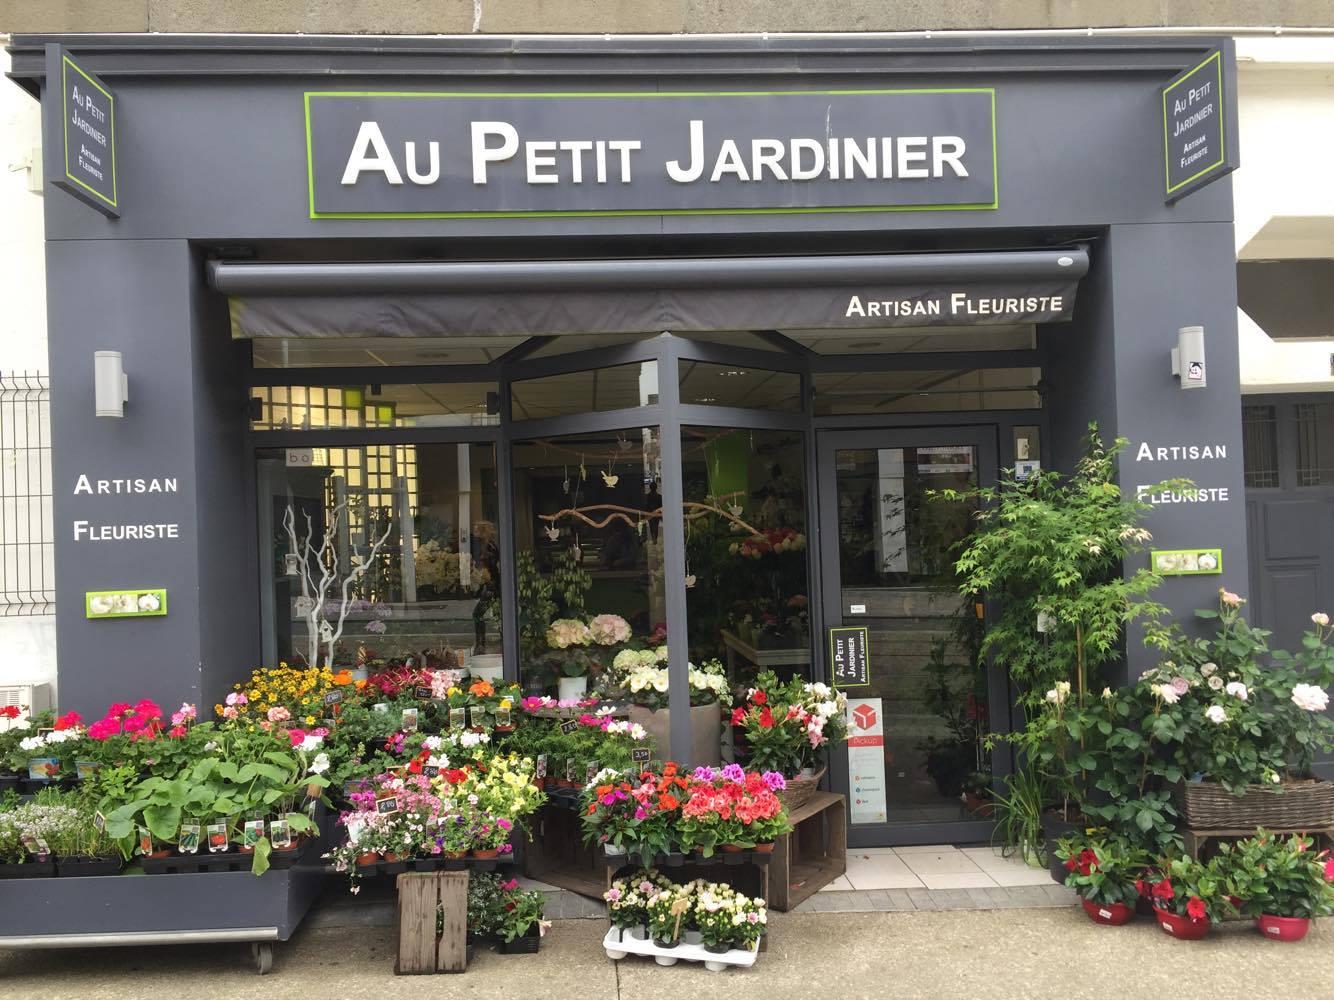 Assez Vitrines-Brest.fr - Fleuriste - Au petit jardinier DL67